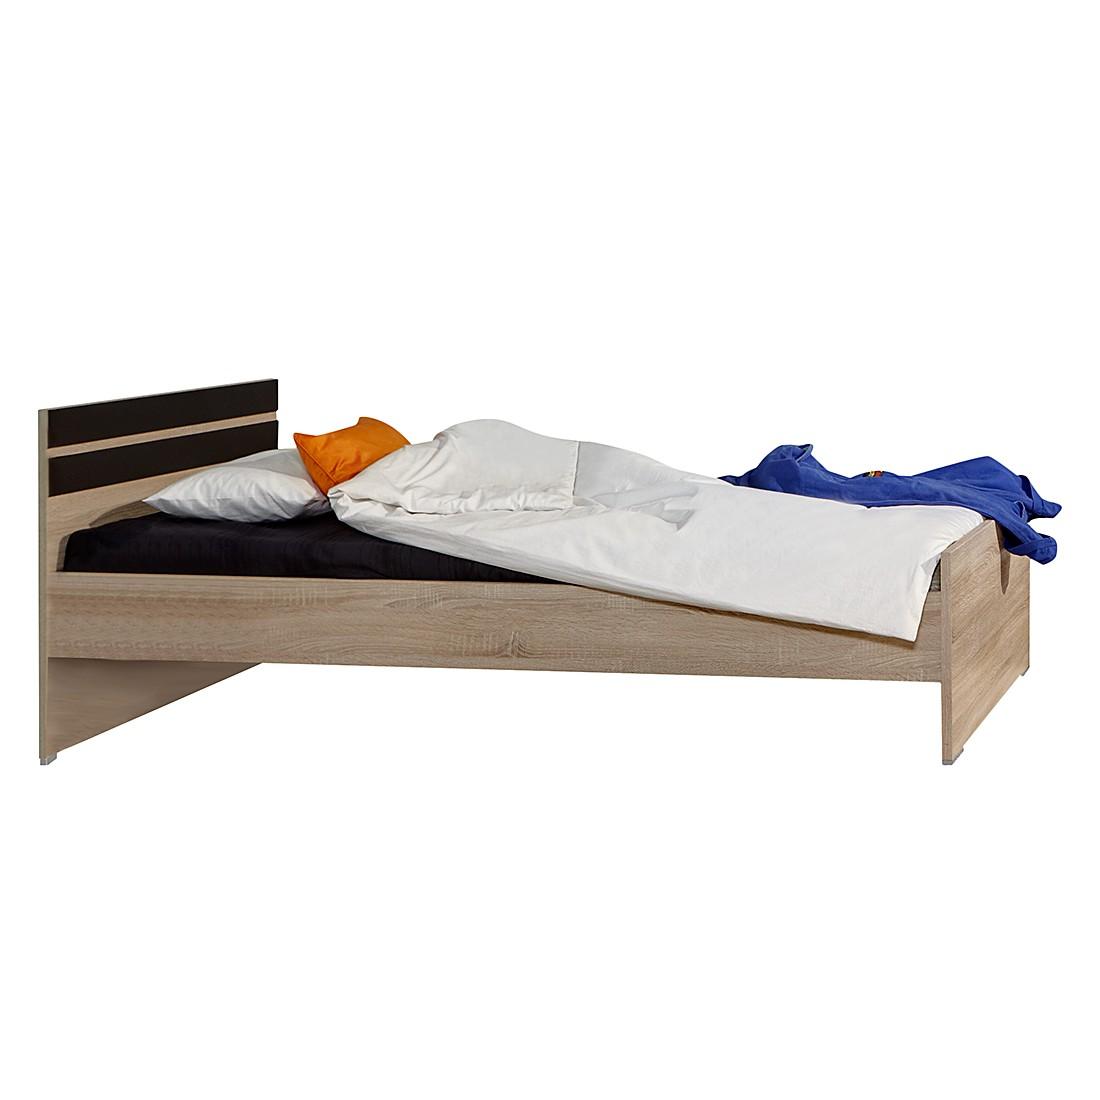 Home 24 - Surface de couchage : 140 x 200 cm - sans coffre à literie, wimex